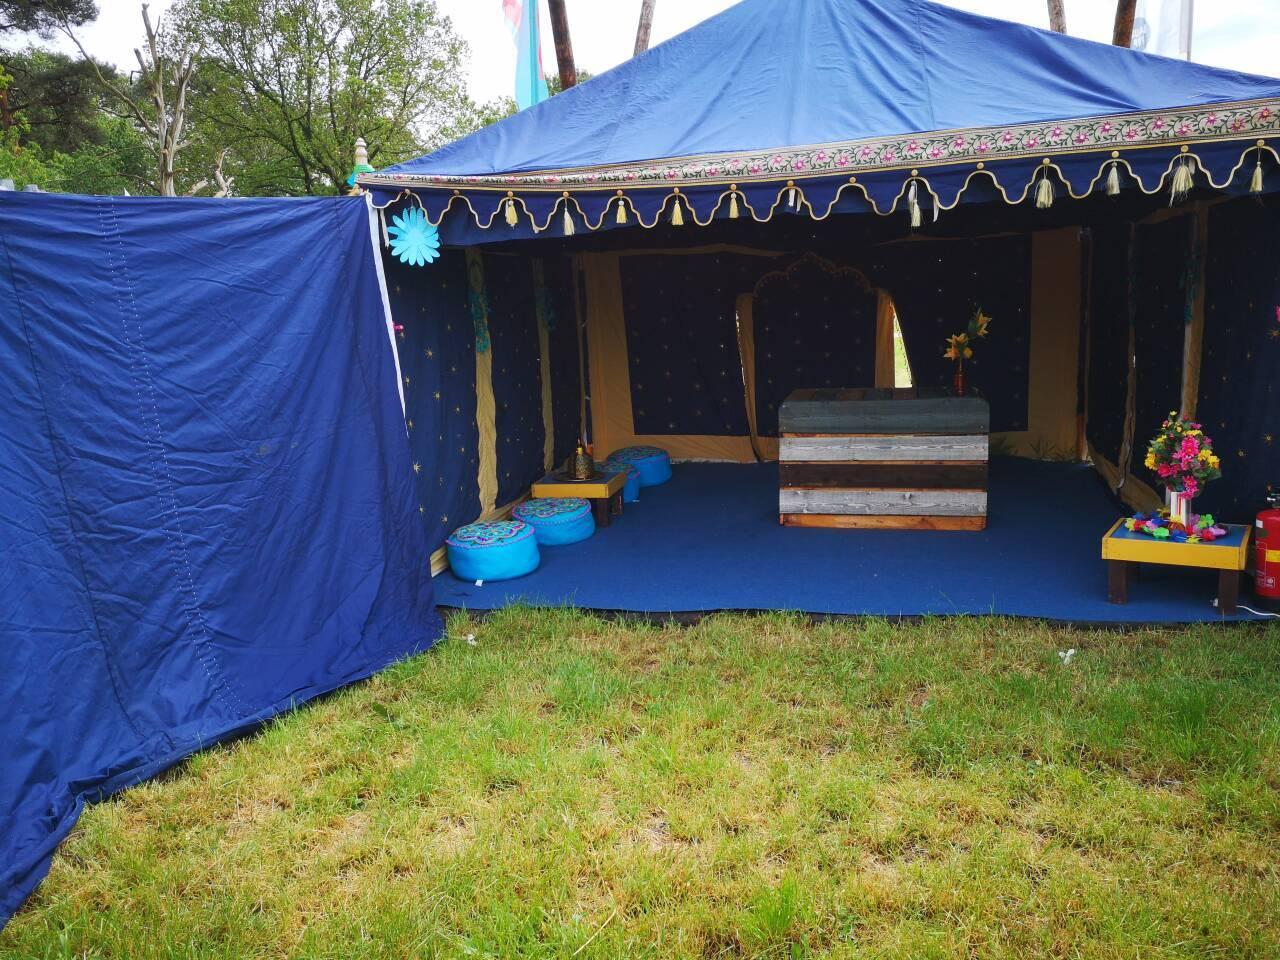 Zelt für ein Festival